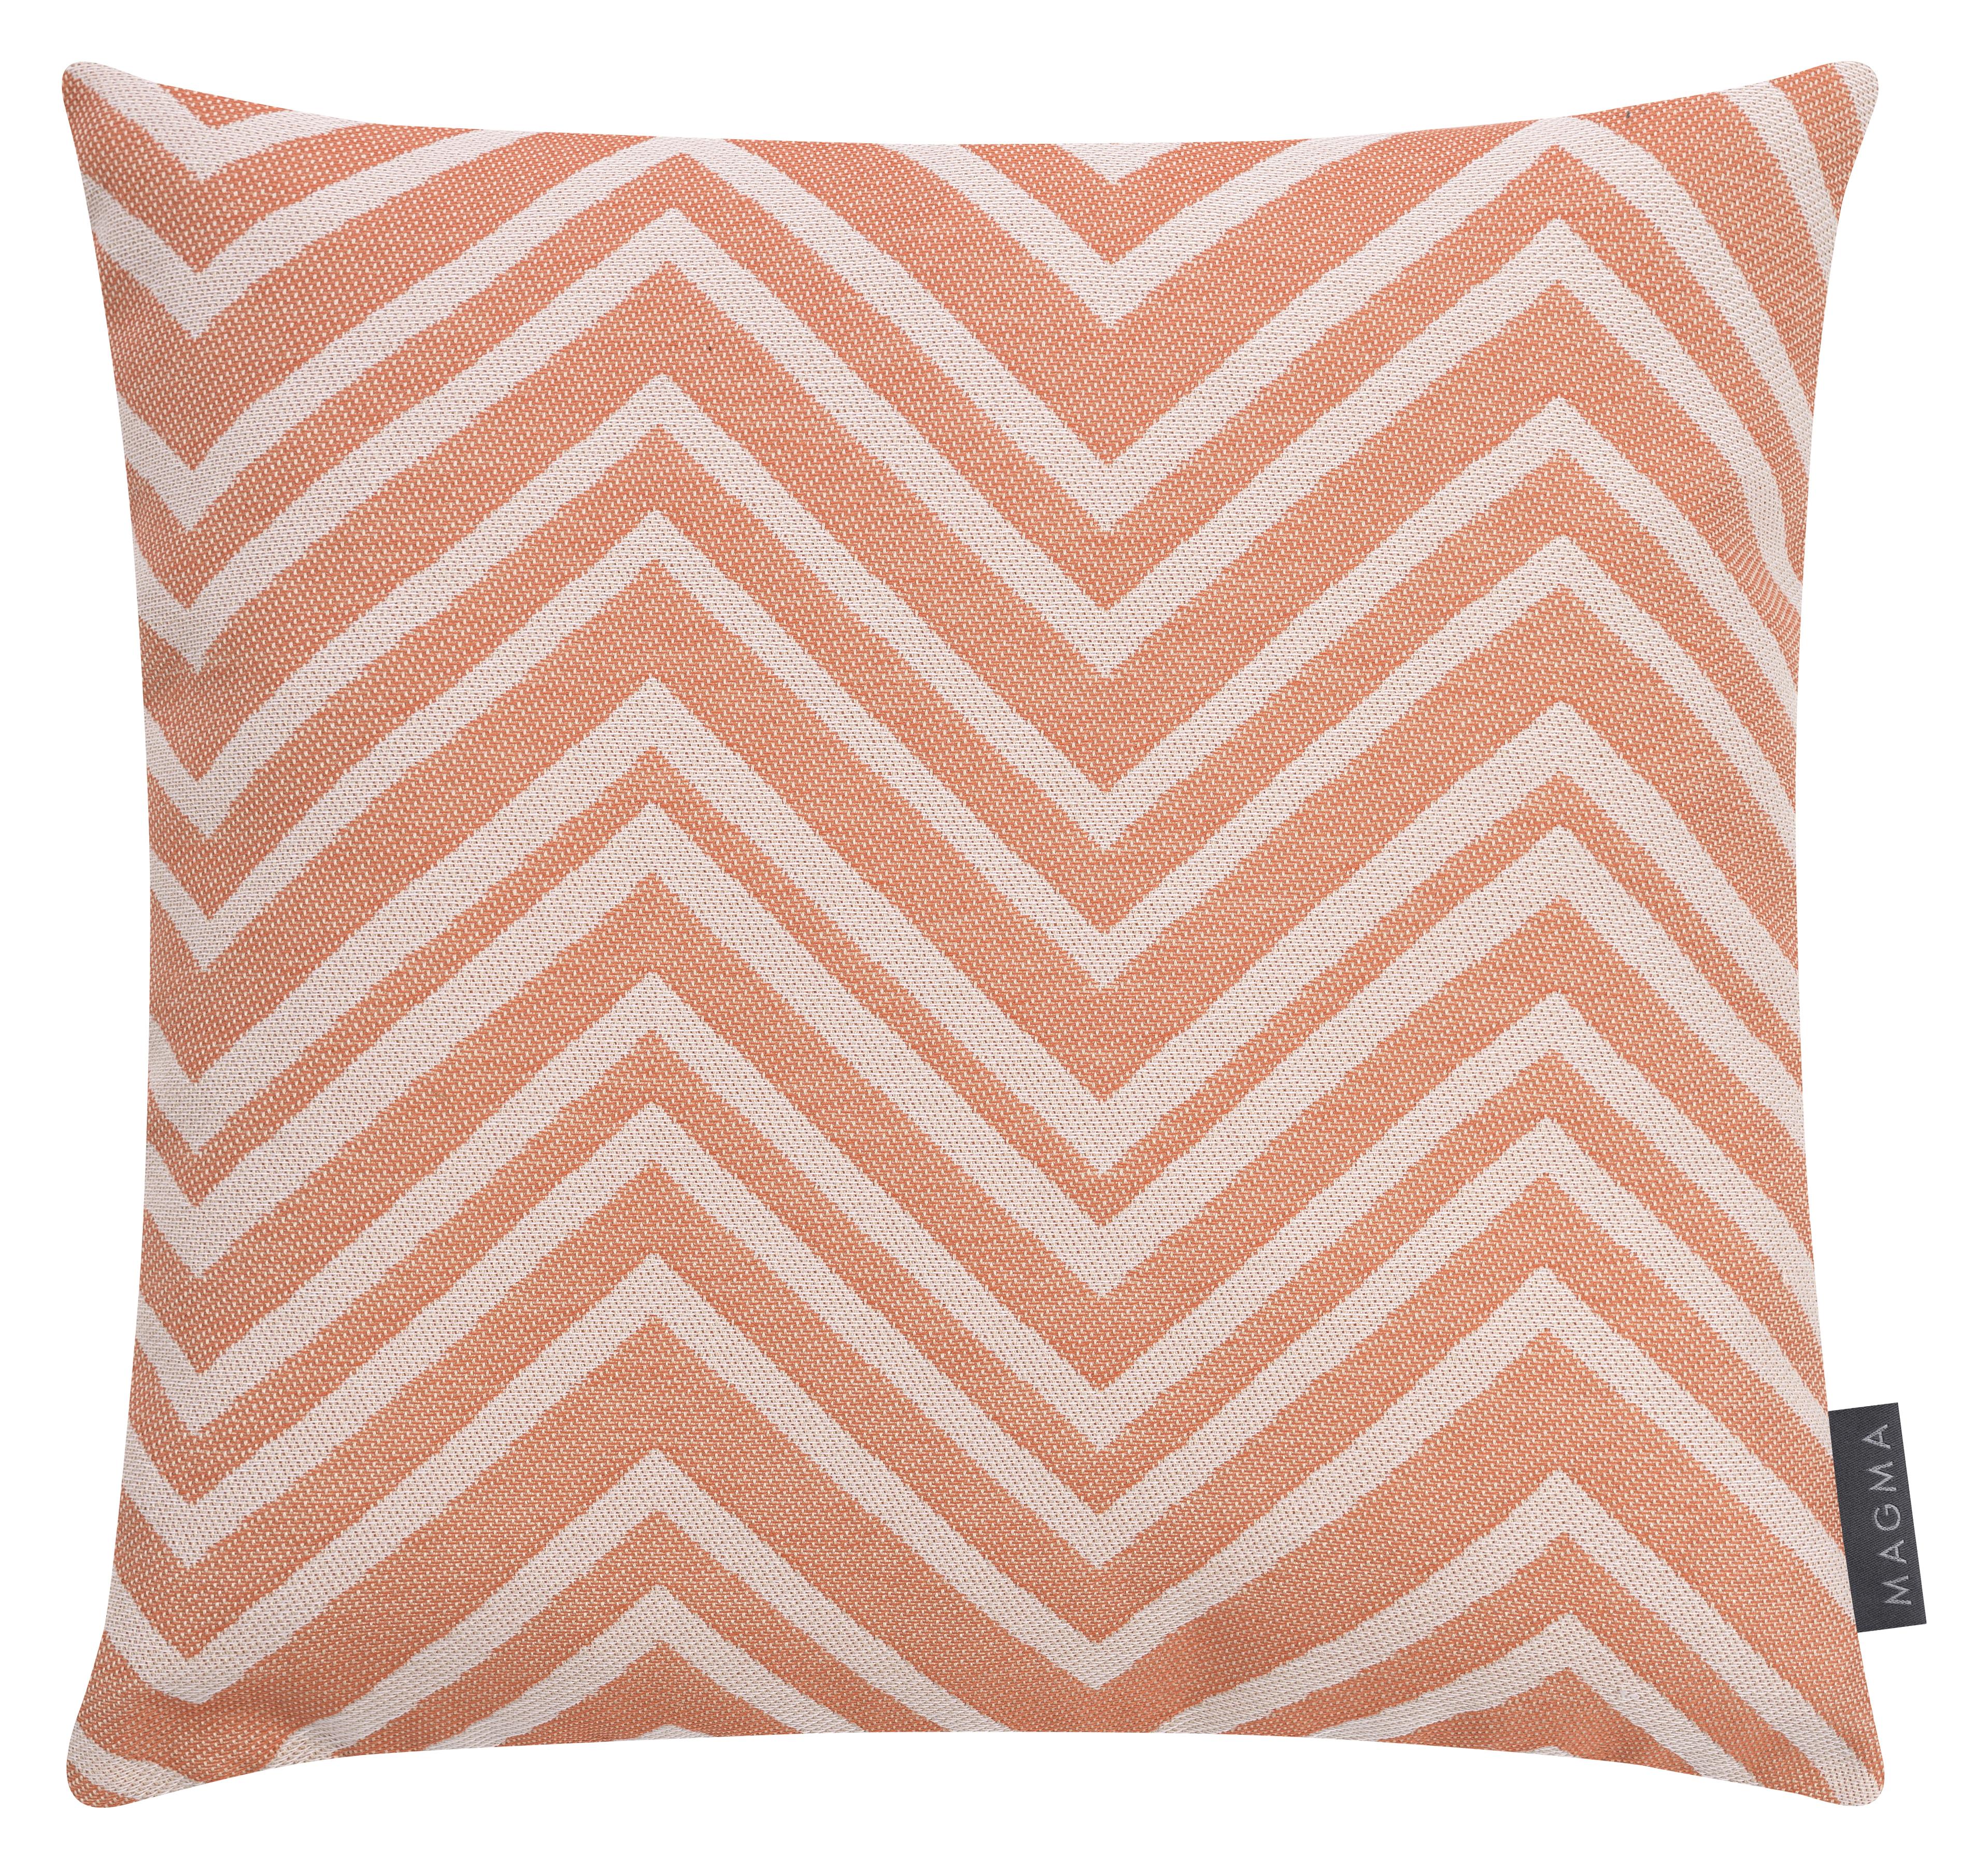 Housses de coussin zigzag orange outdoor Dralon - lot de 2 - 40x40